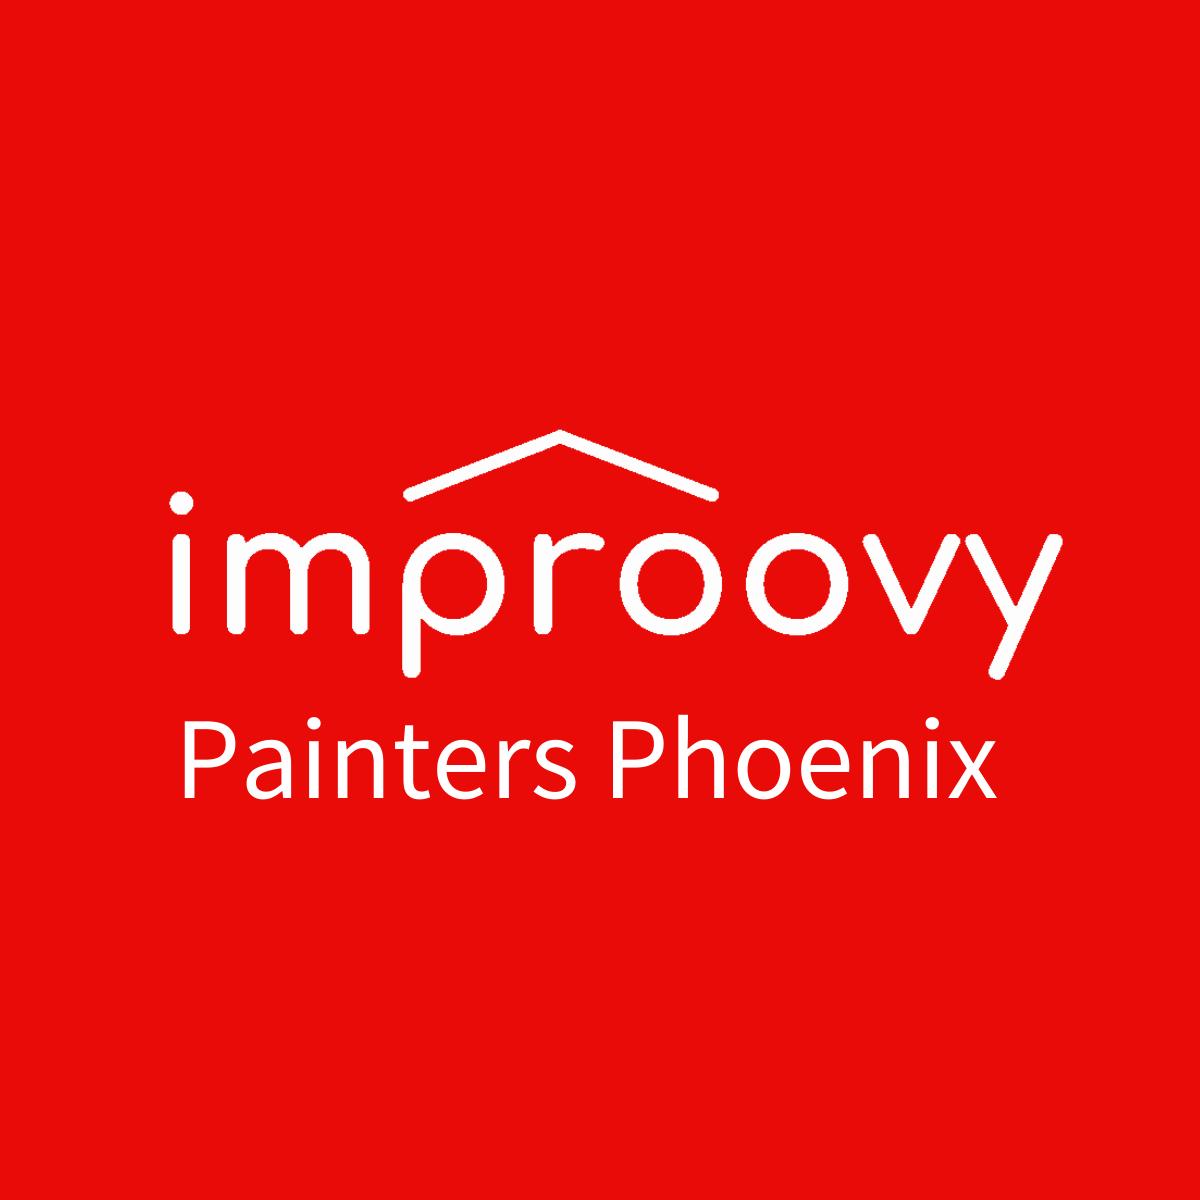 Improovy Painters Phoenix review